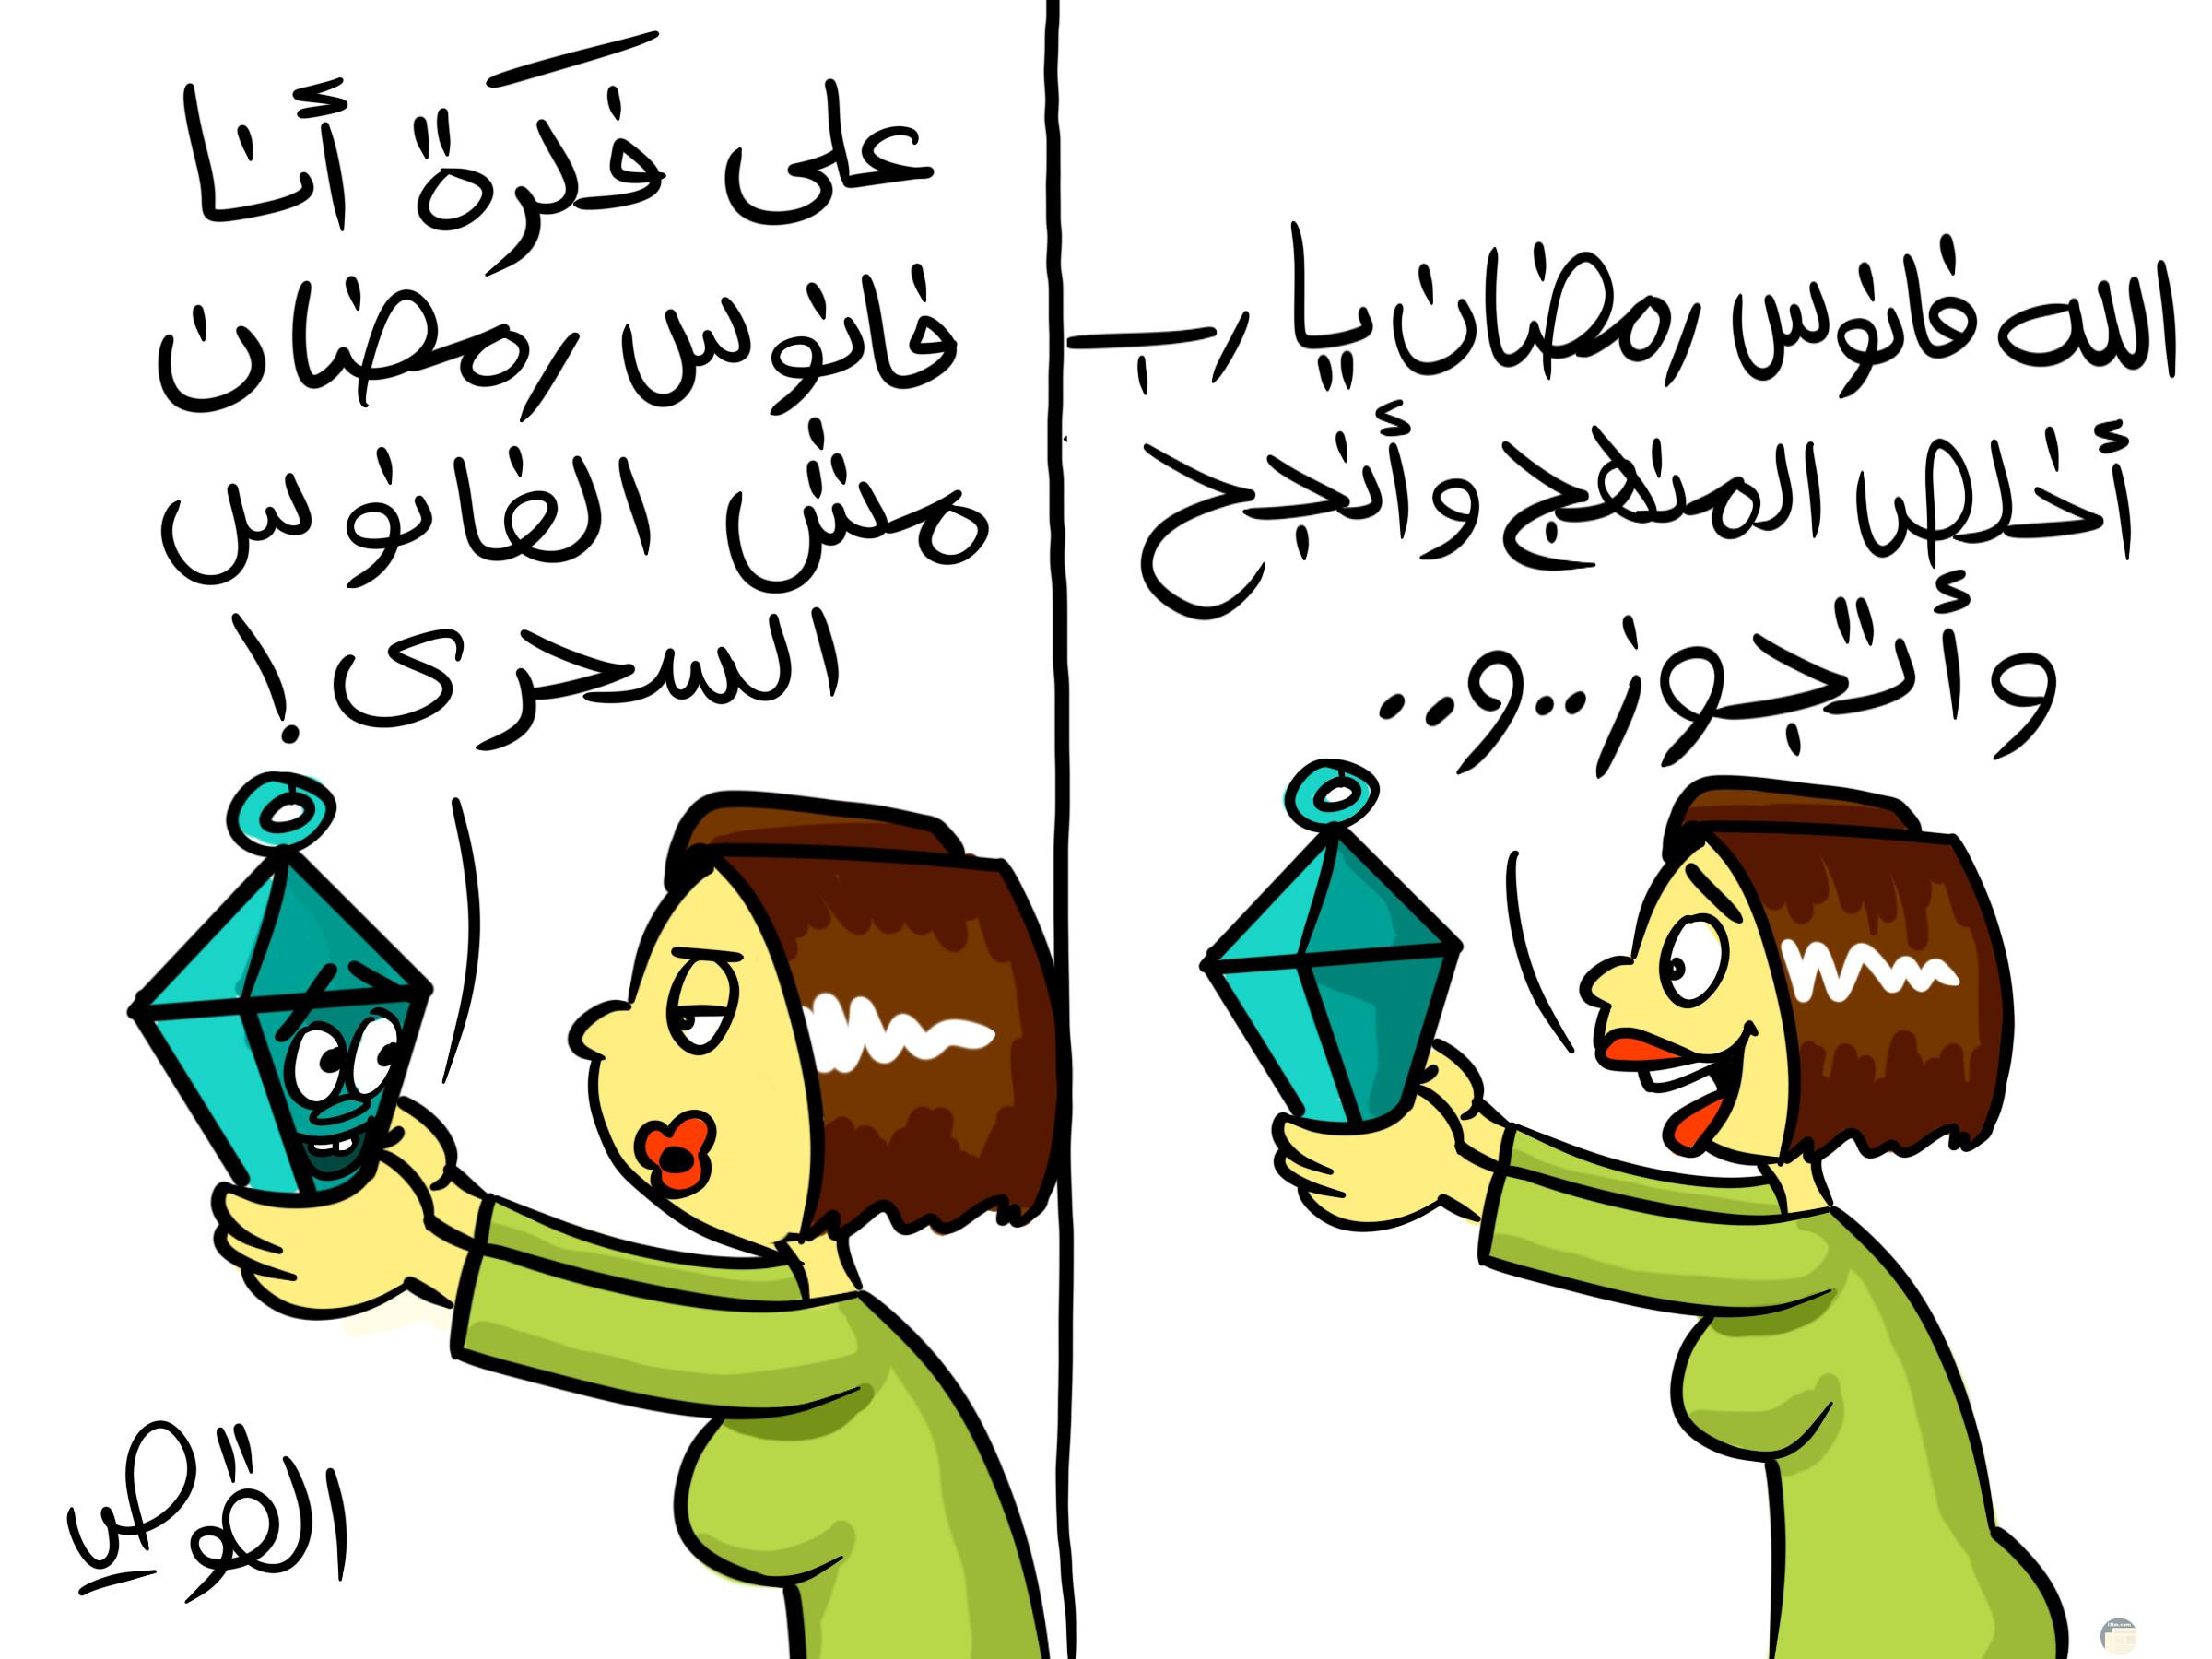 الله فانوس رمضان يارب اخلص المنهج وانجح واتجوز